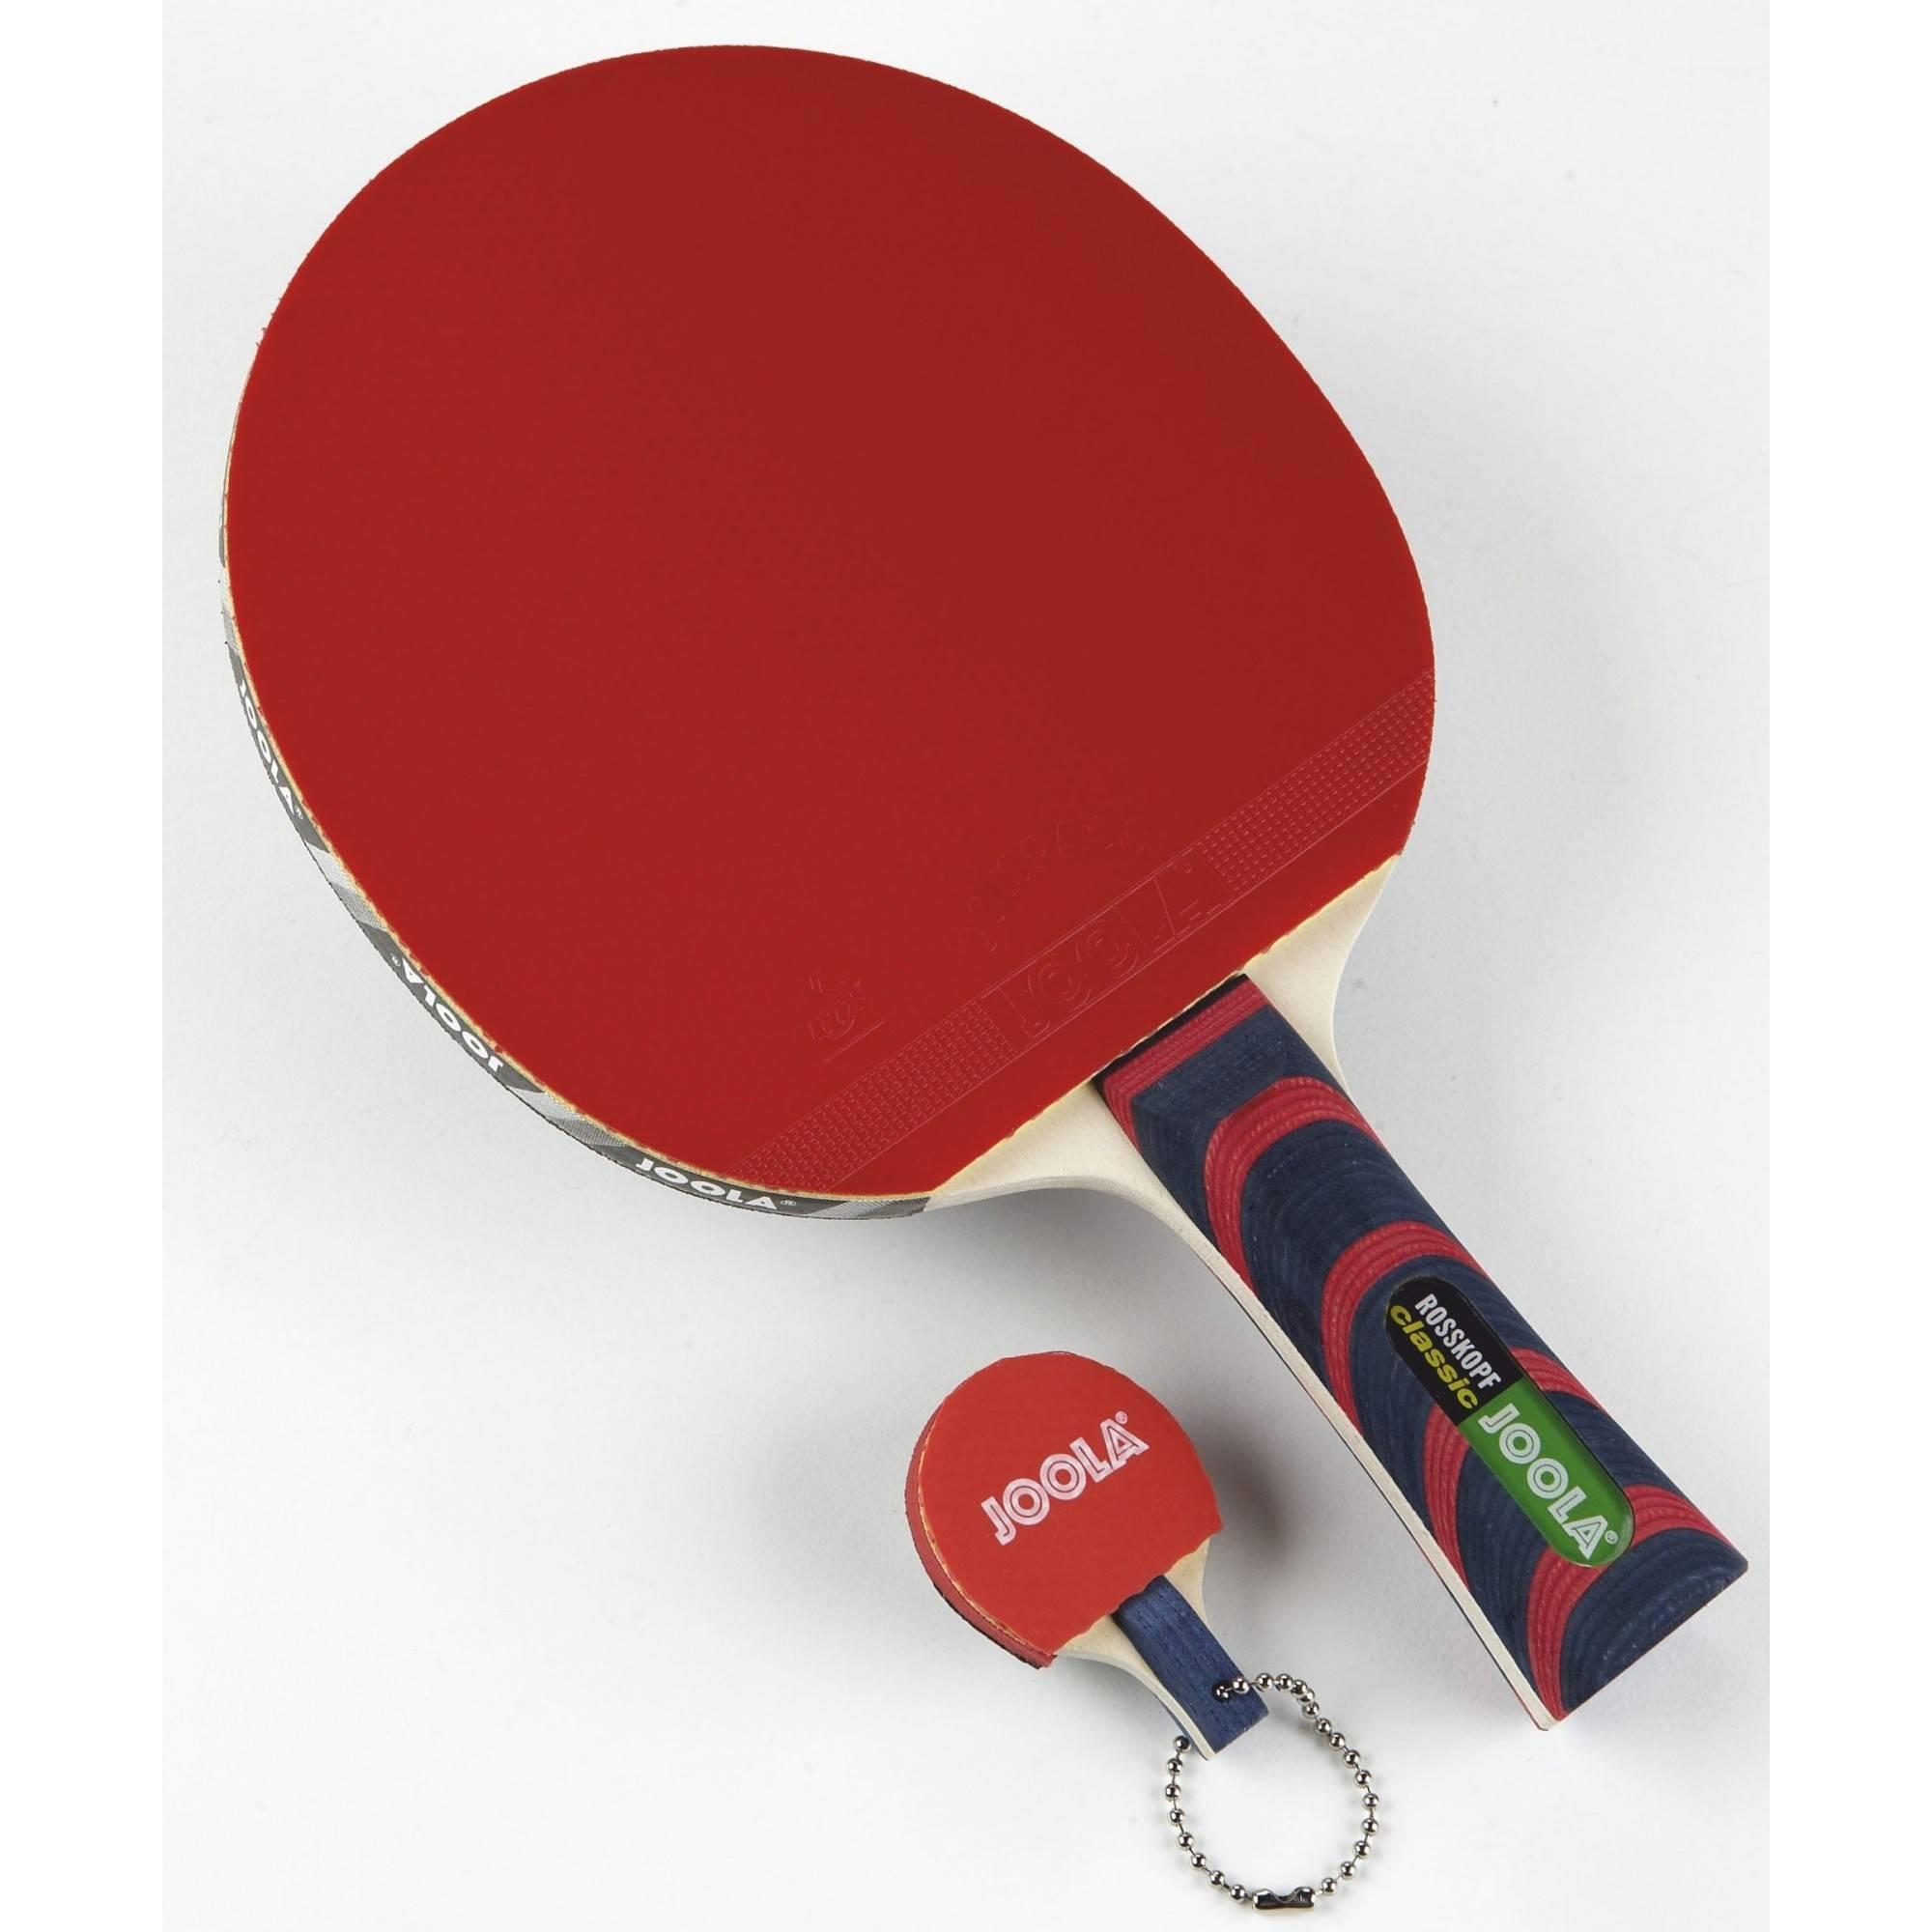 Rakietka do tenisa stołowego Joola Rosskopf Classic 54200,producent: Joola, zdjecie photo: 1